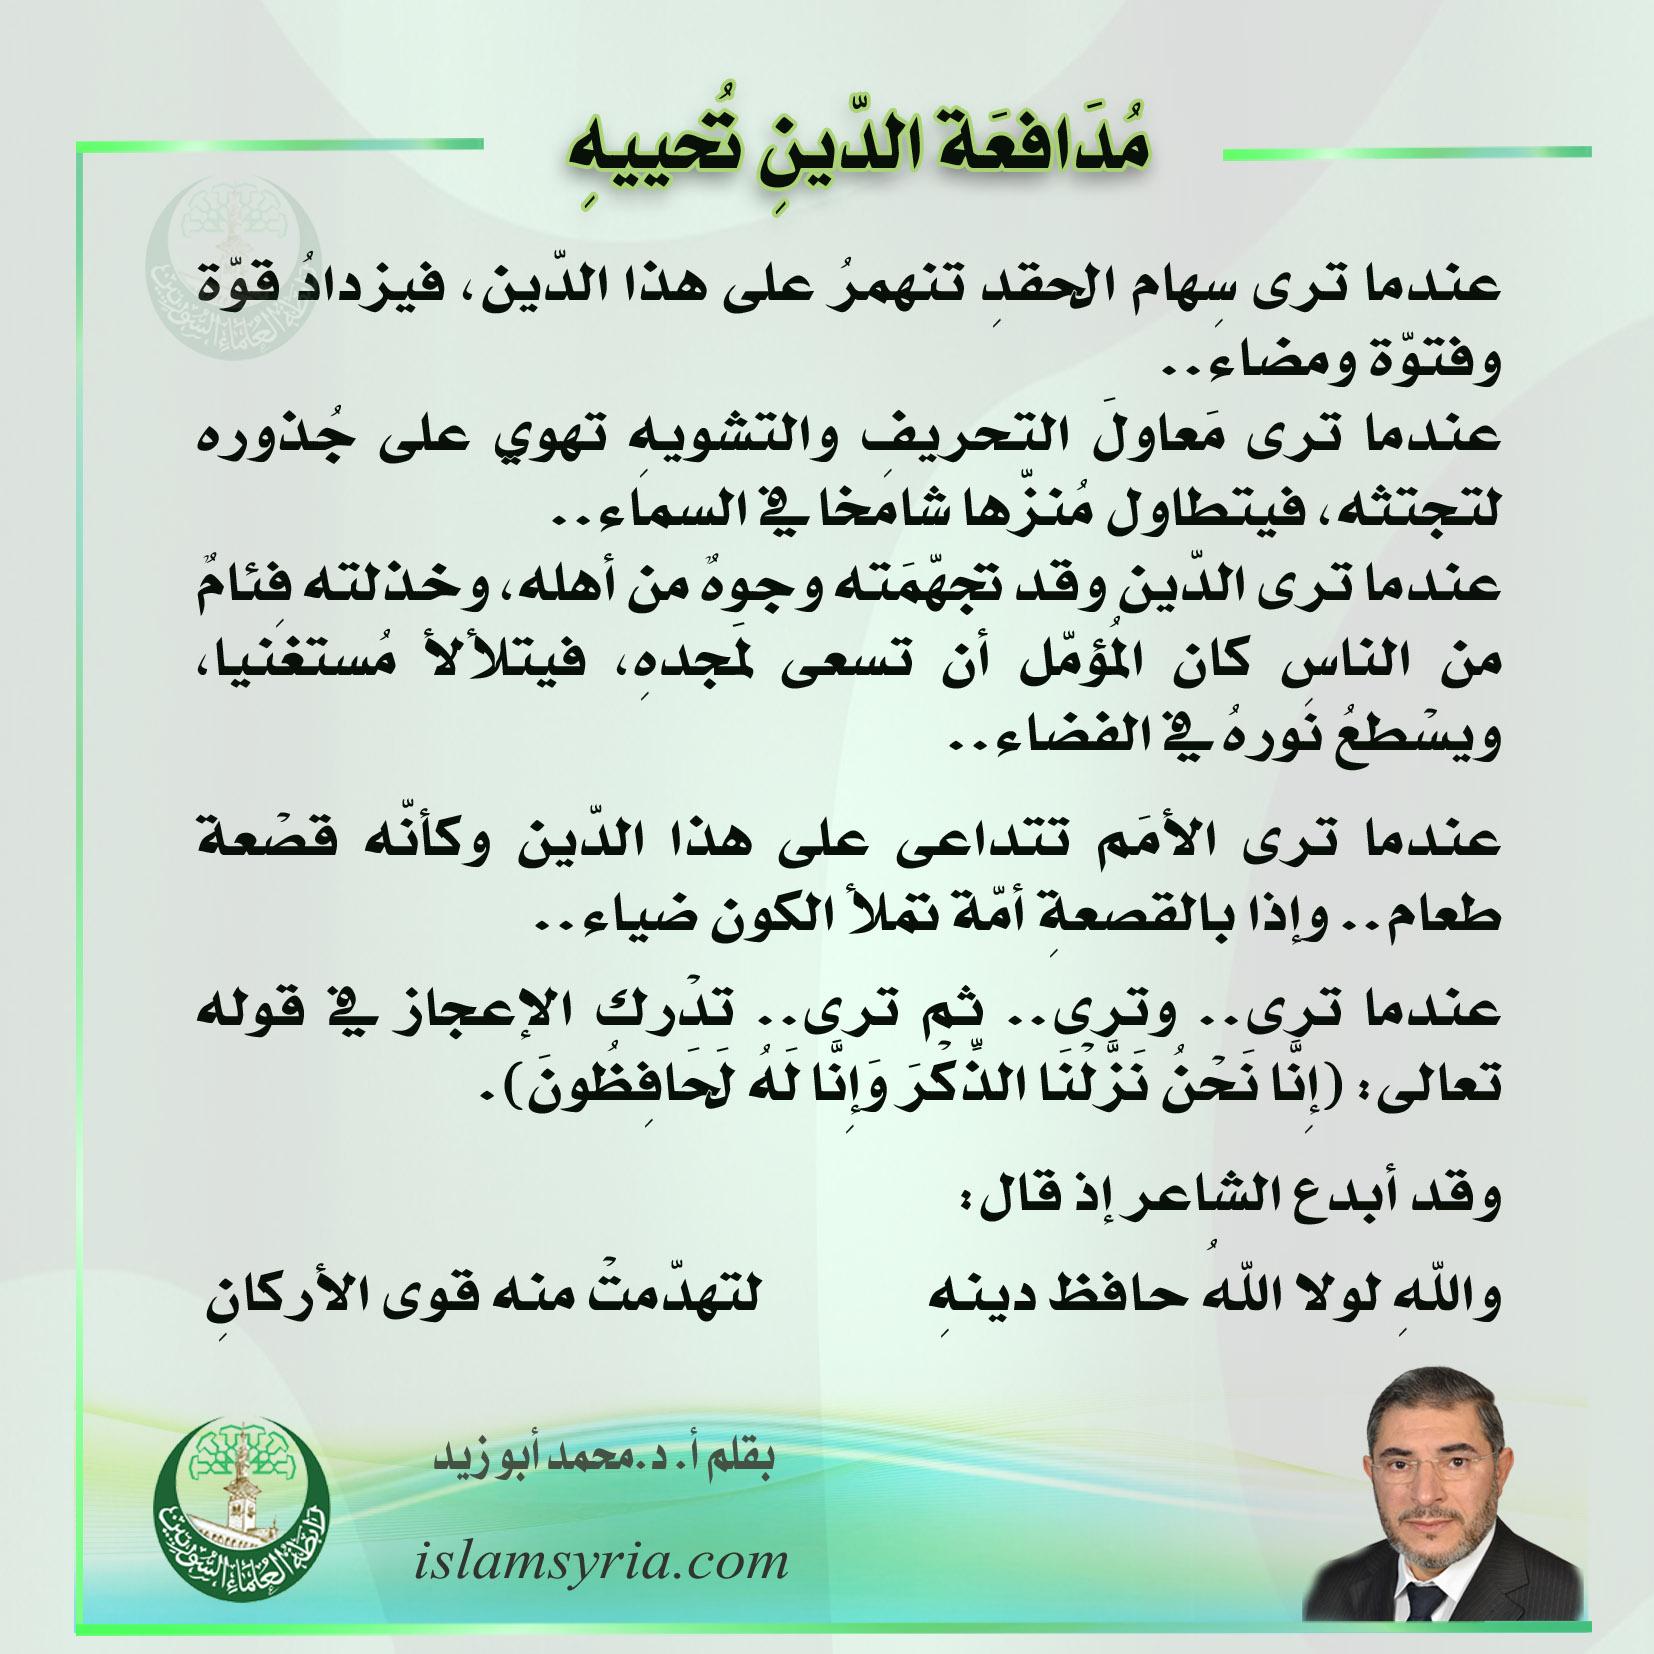 مدافعة الدين تحييه|| د.محمد أبو زيد